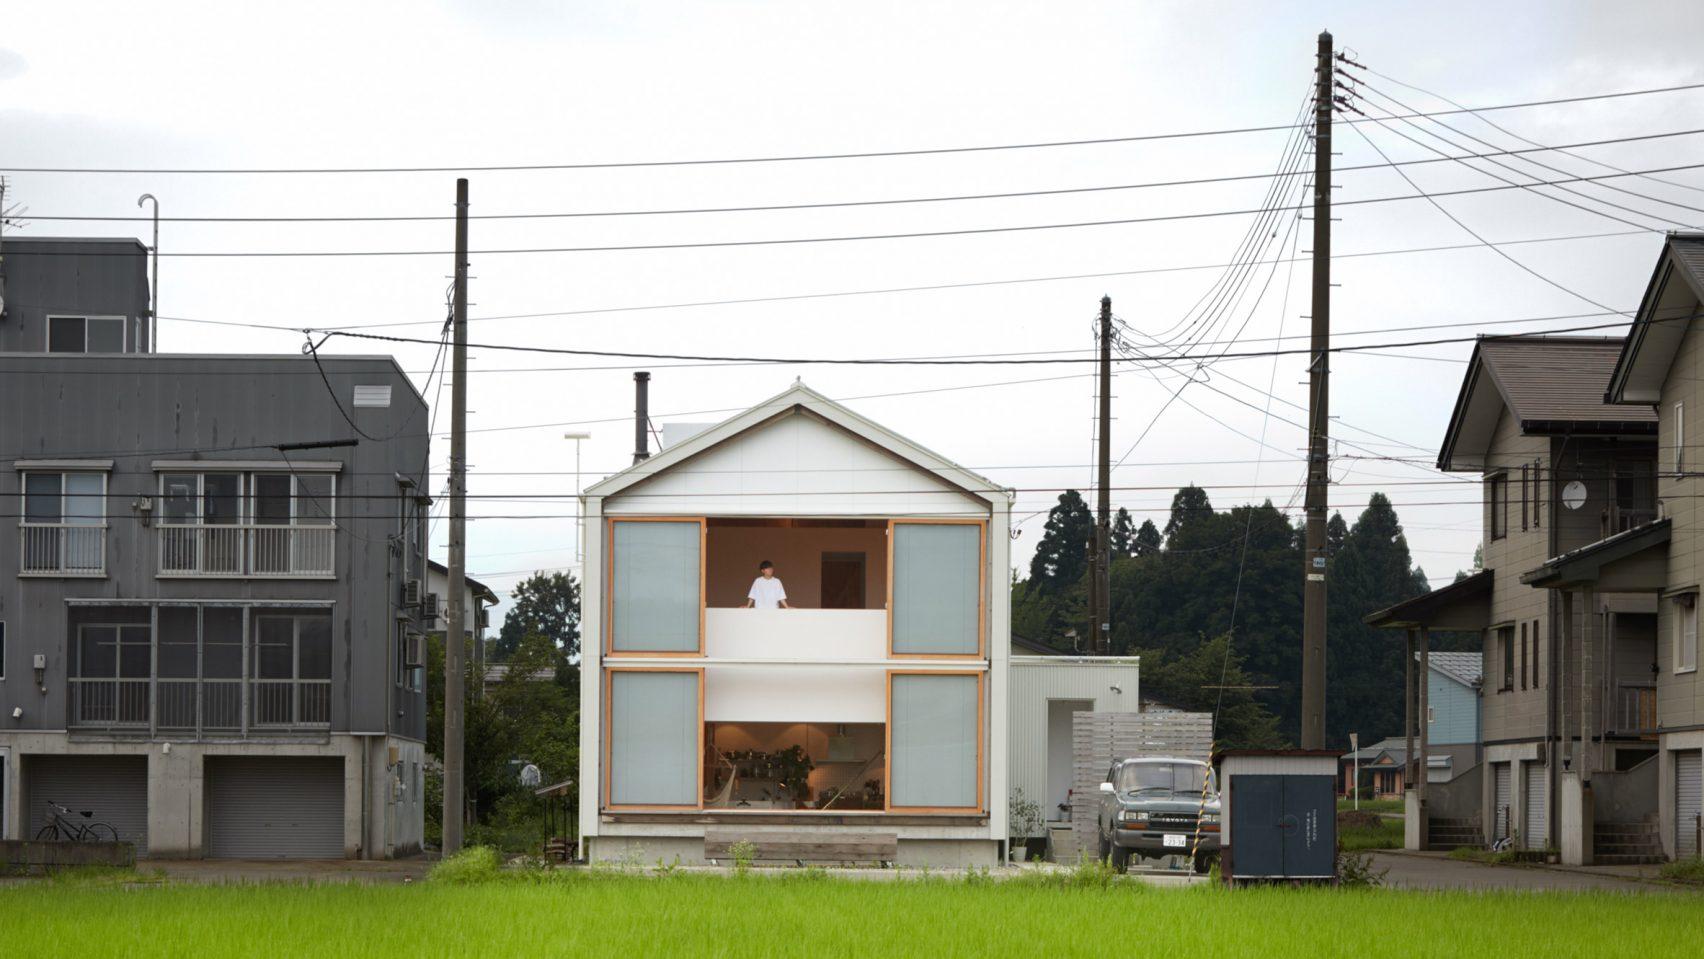 Ngôi nhà hai tầng bình yên với cánh cửa mở rộng đón nắng gió từ đồng lúa xanh tươi - Ảnh 1